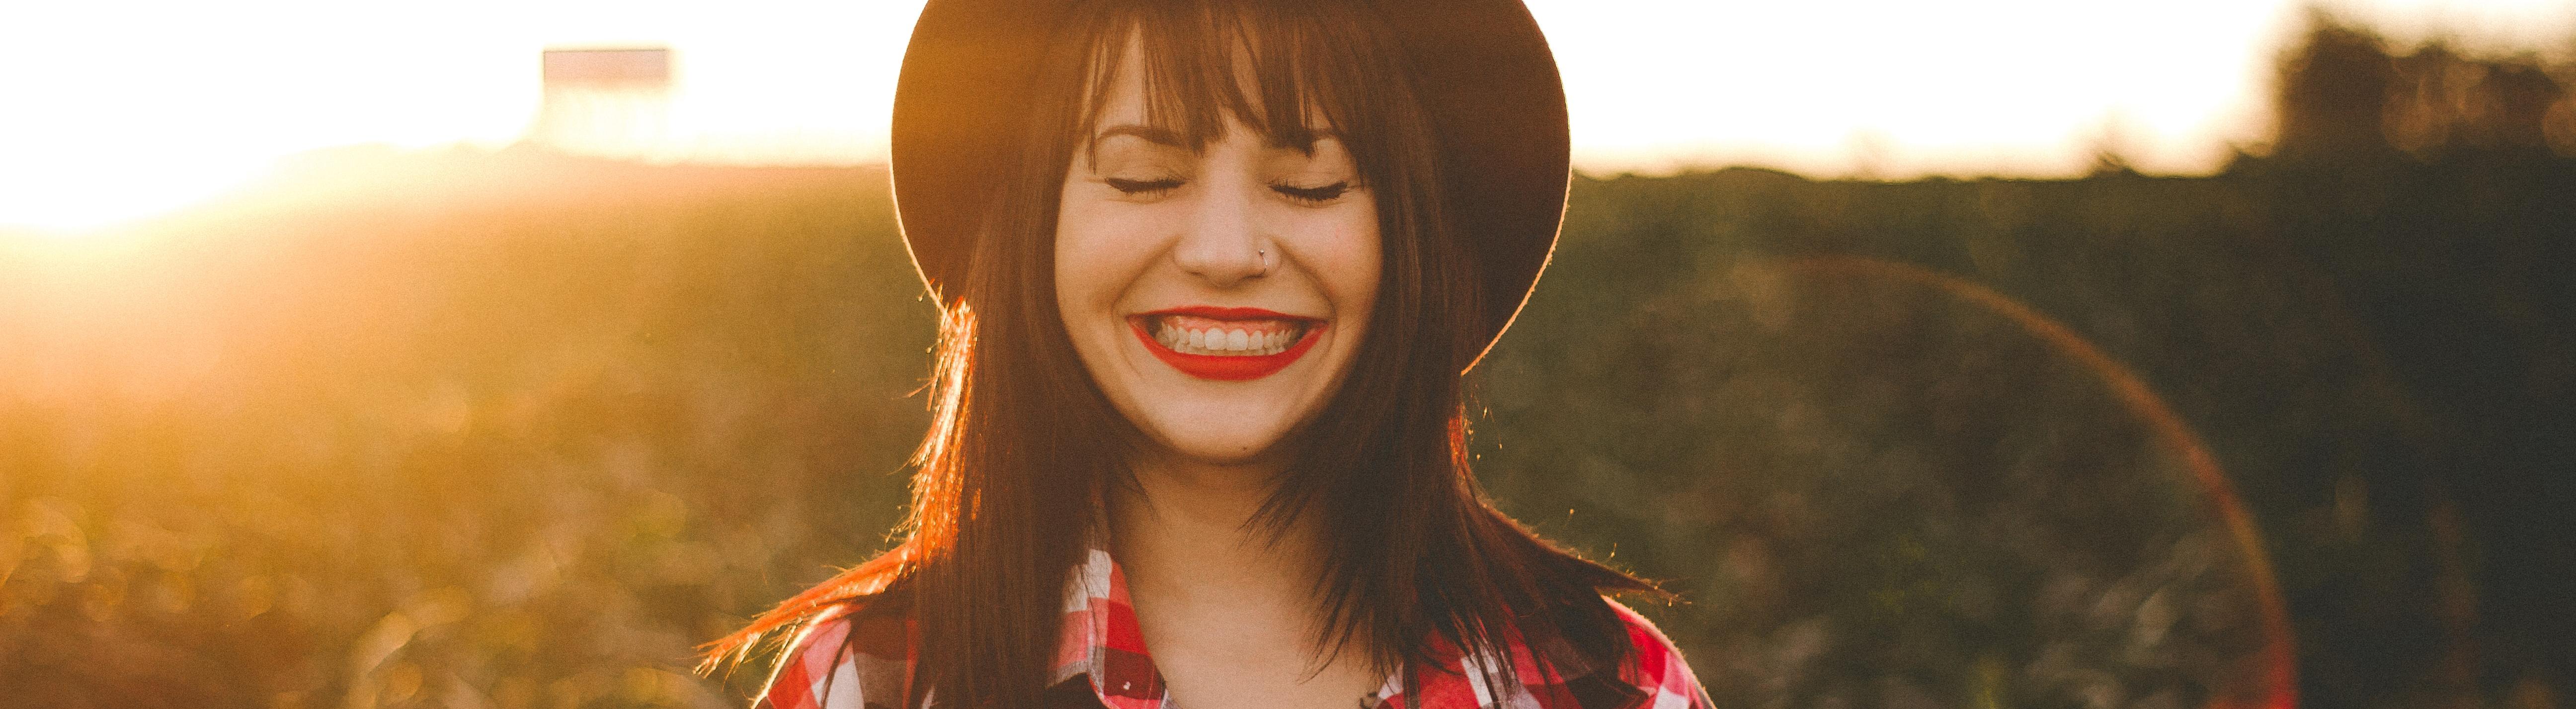 Eine Frau mit Hut lächelt